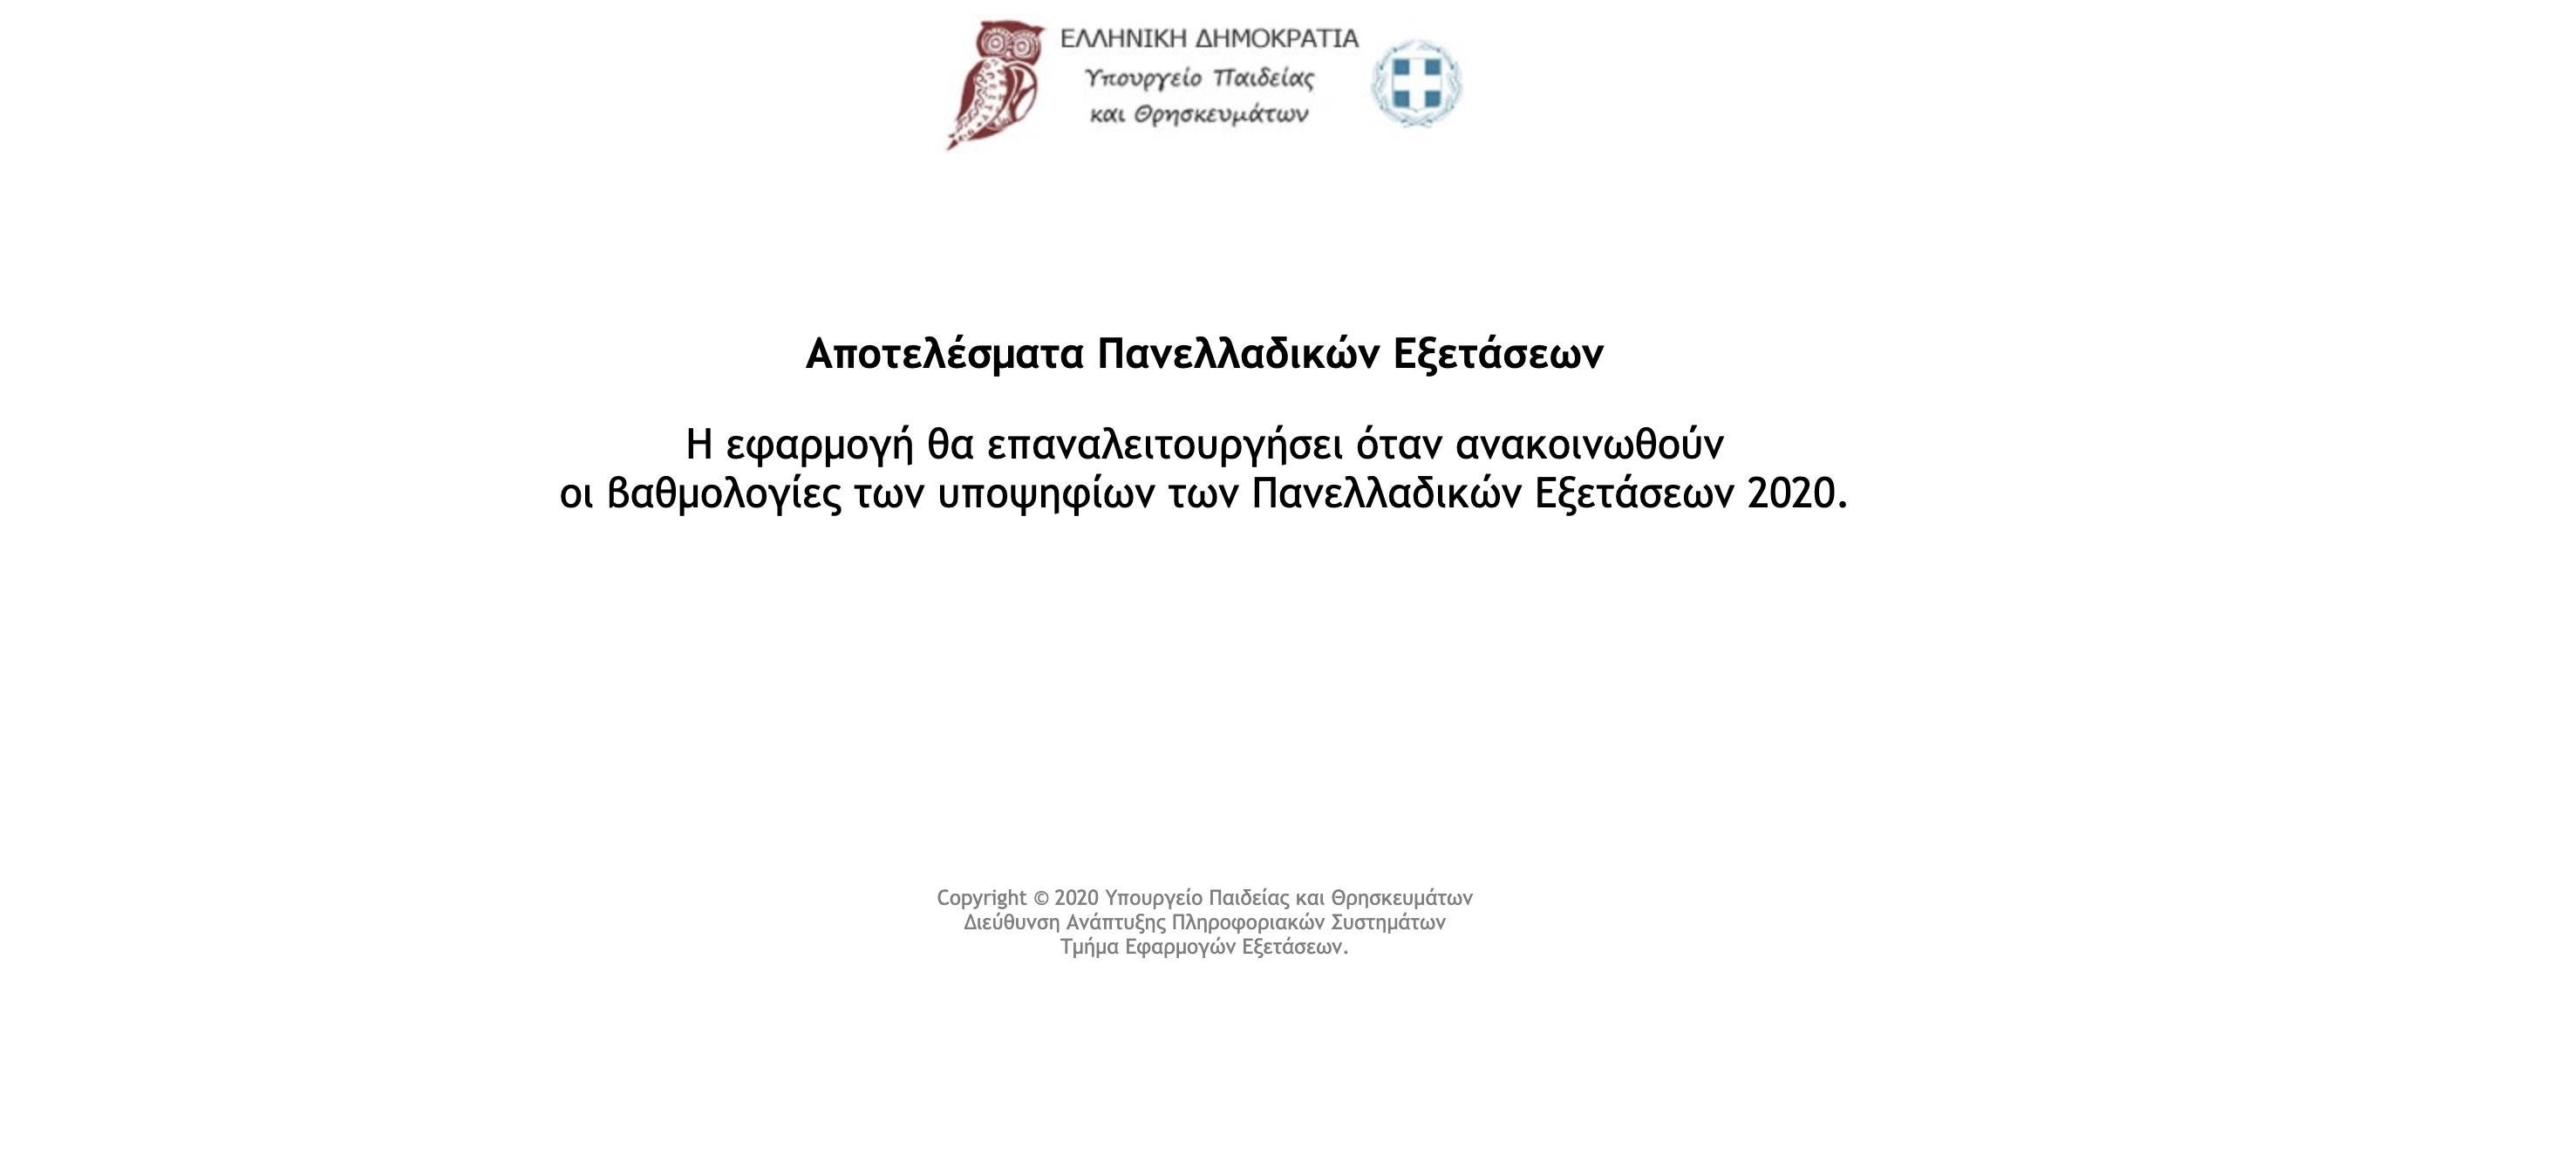 apotelesmata-panelladikon-2020